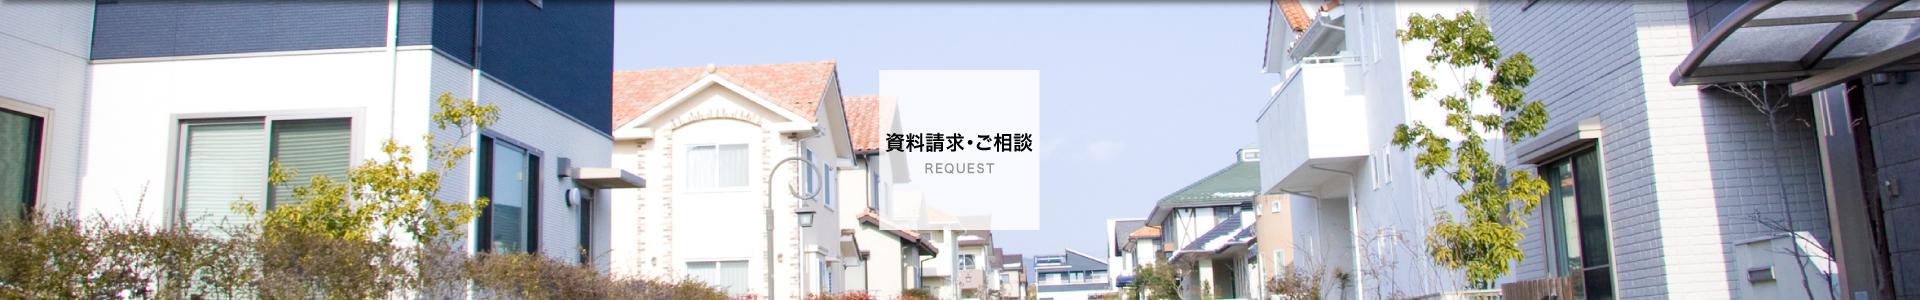 お問い合わせ 越谷市の不動産ジャストホーム